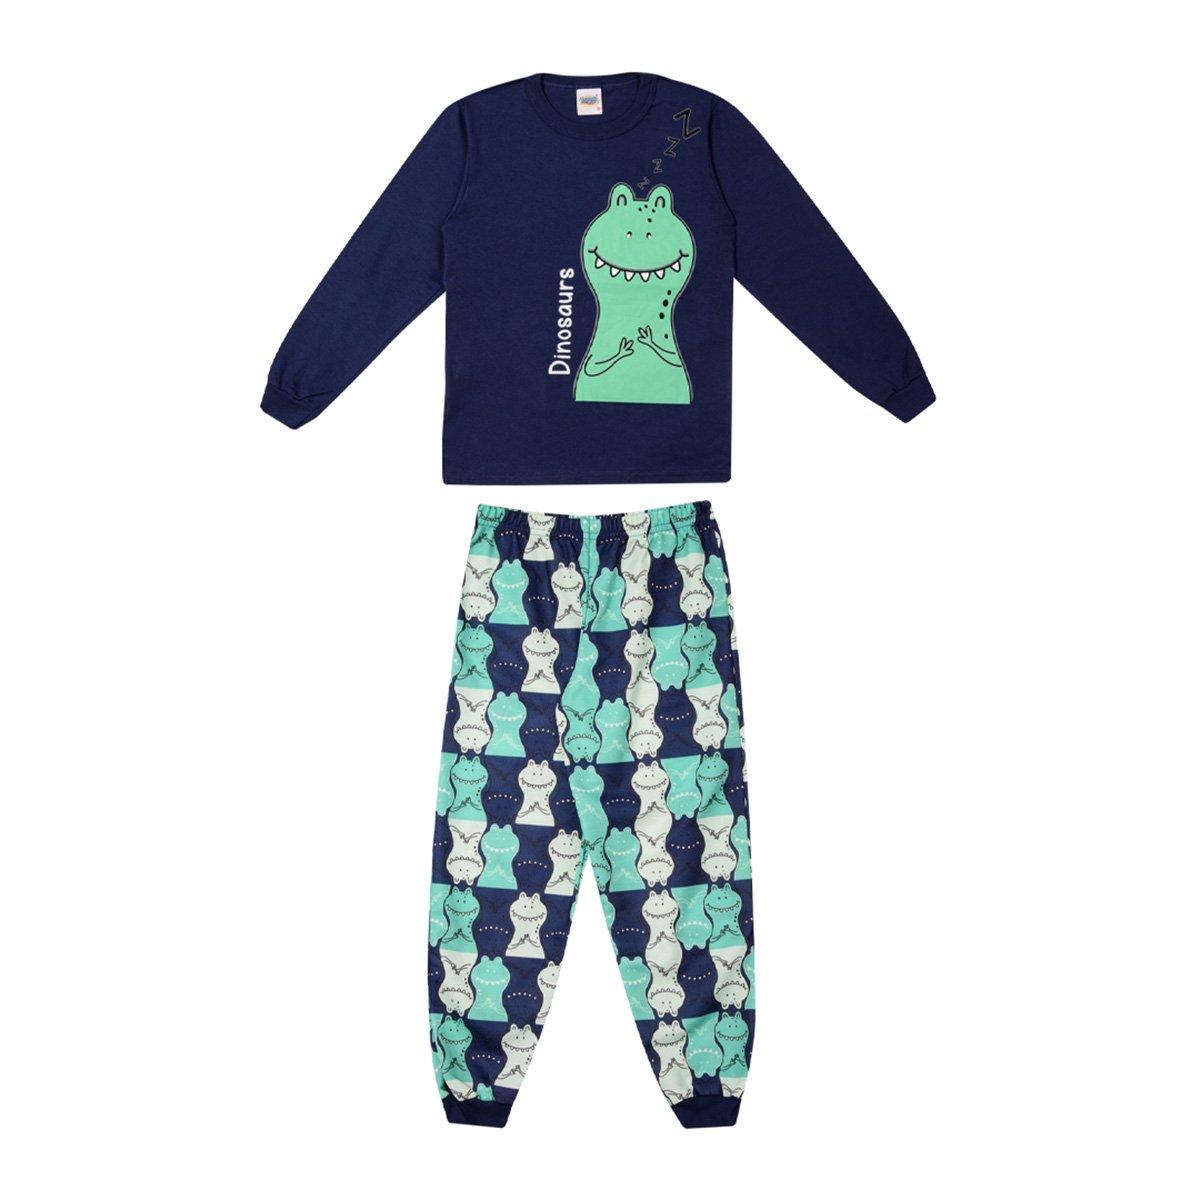 Pijama Longo Infantil Duzizo Estampado Brilha No Escuro